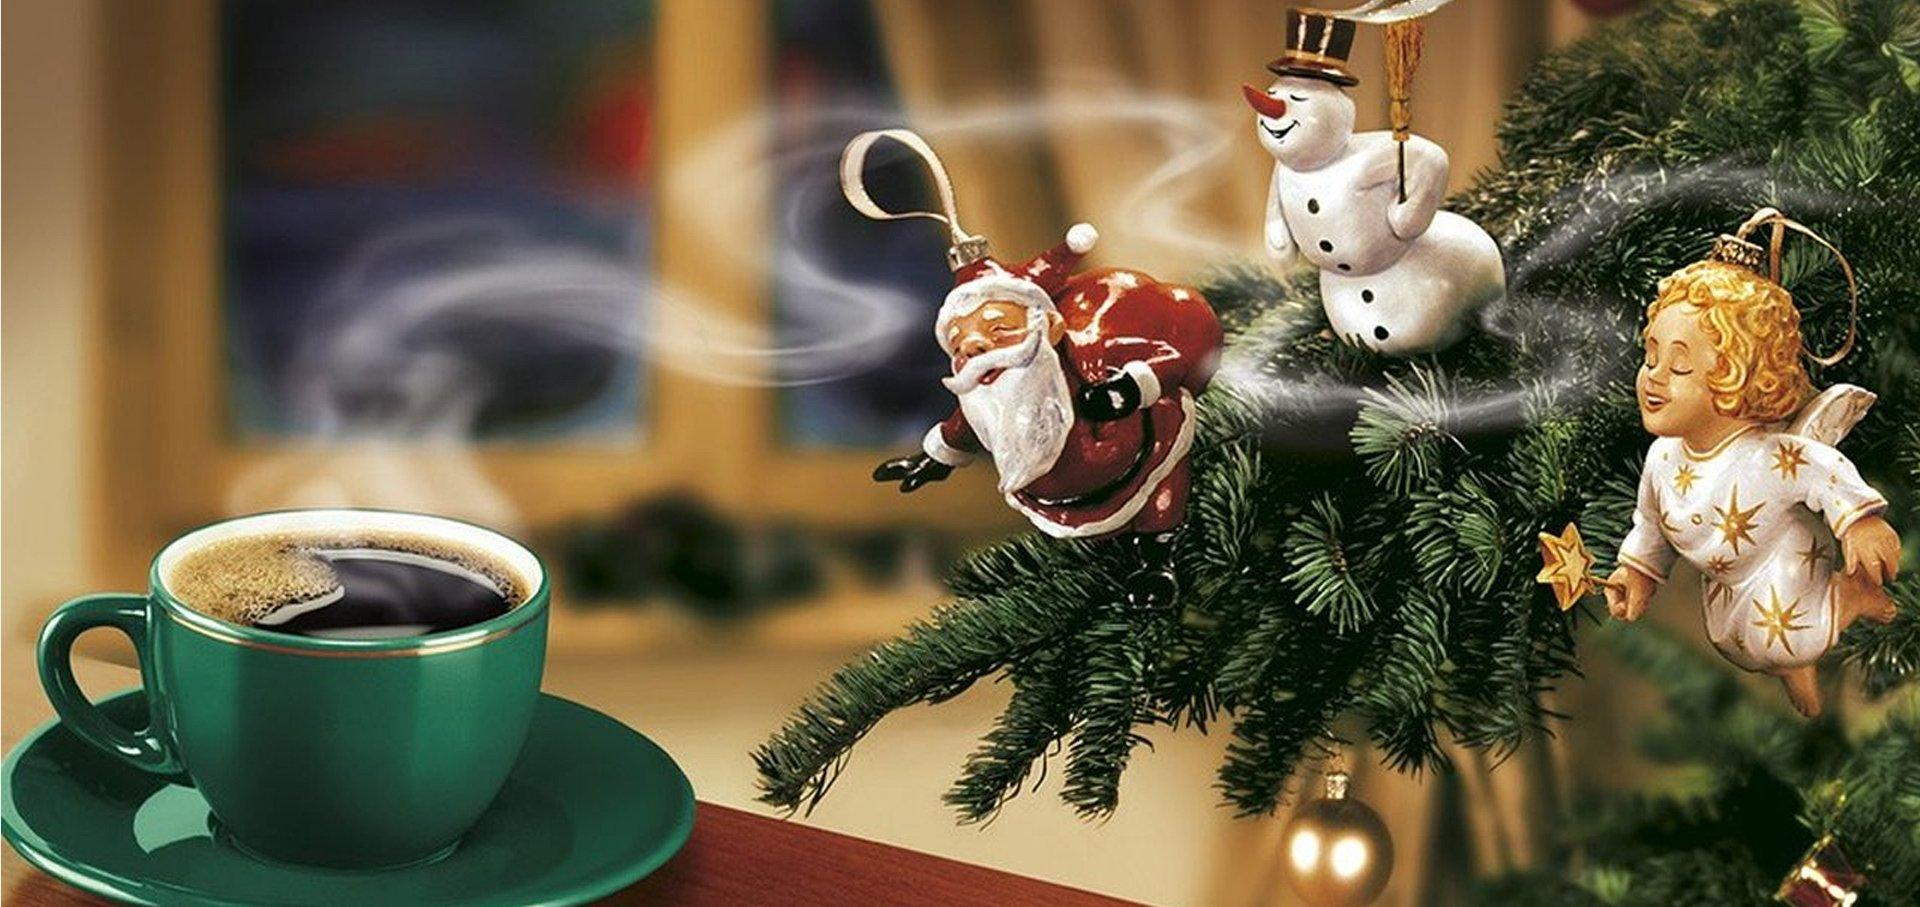 Coffee-and-Christmas-1